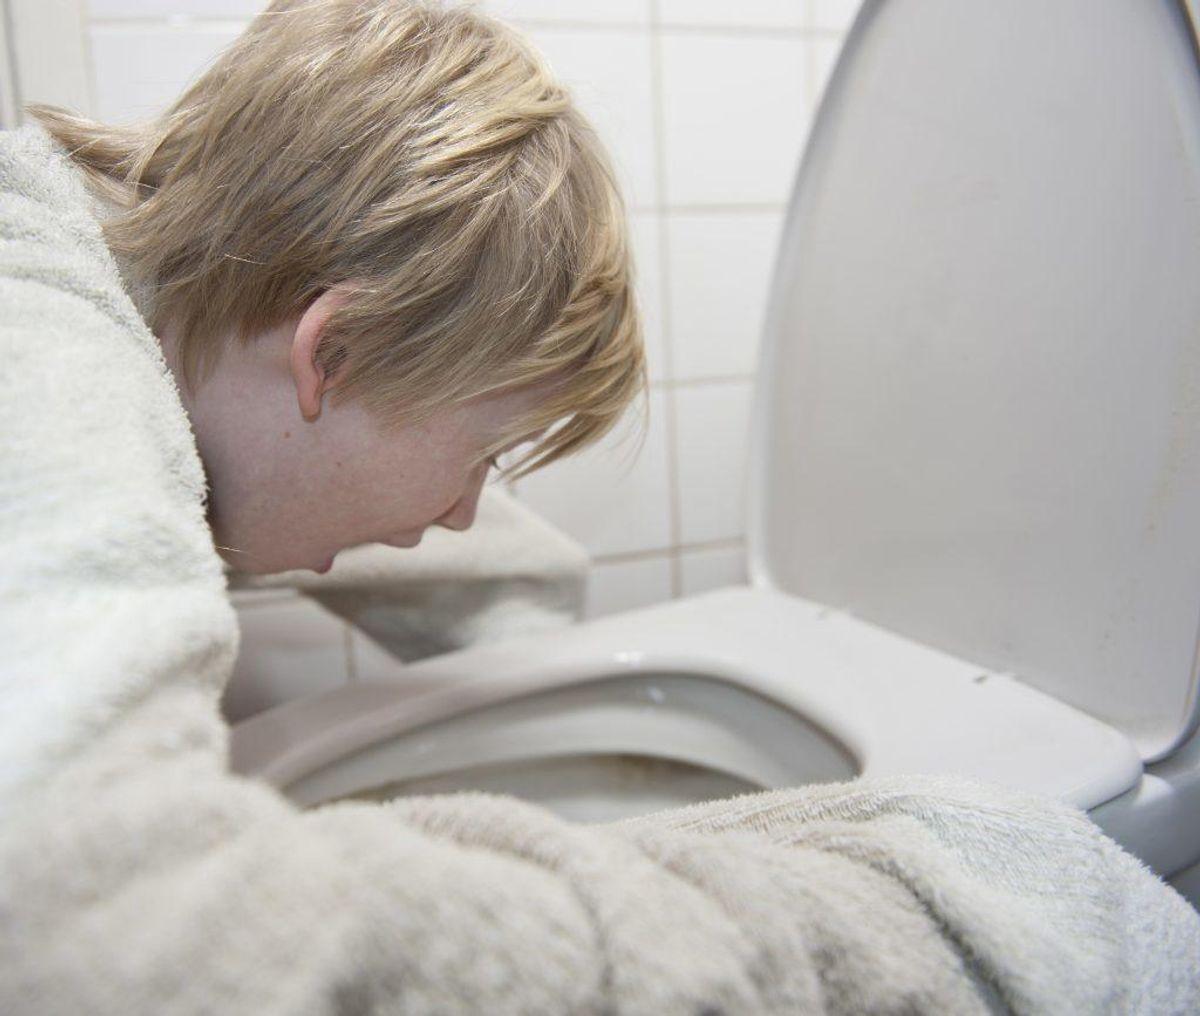 Opkast og diarre et nogle af de symptomer man kan få af Roskildesyge. Foto: Colourbox.